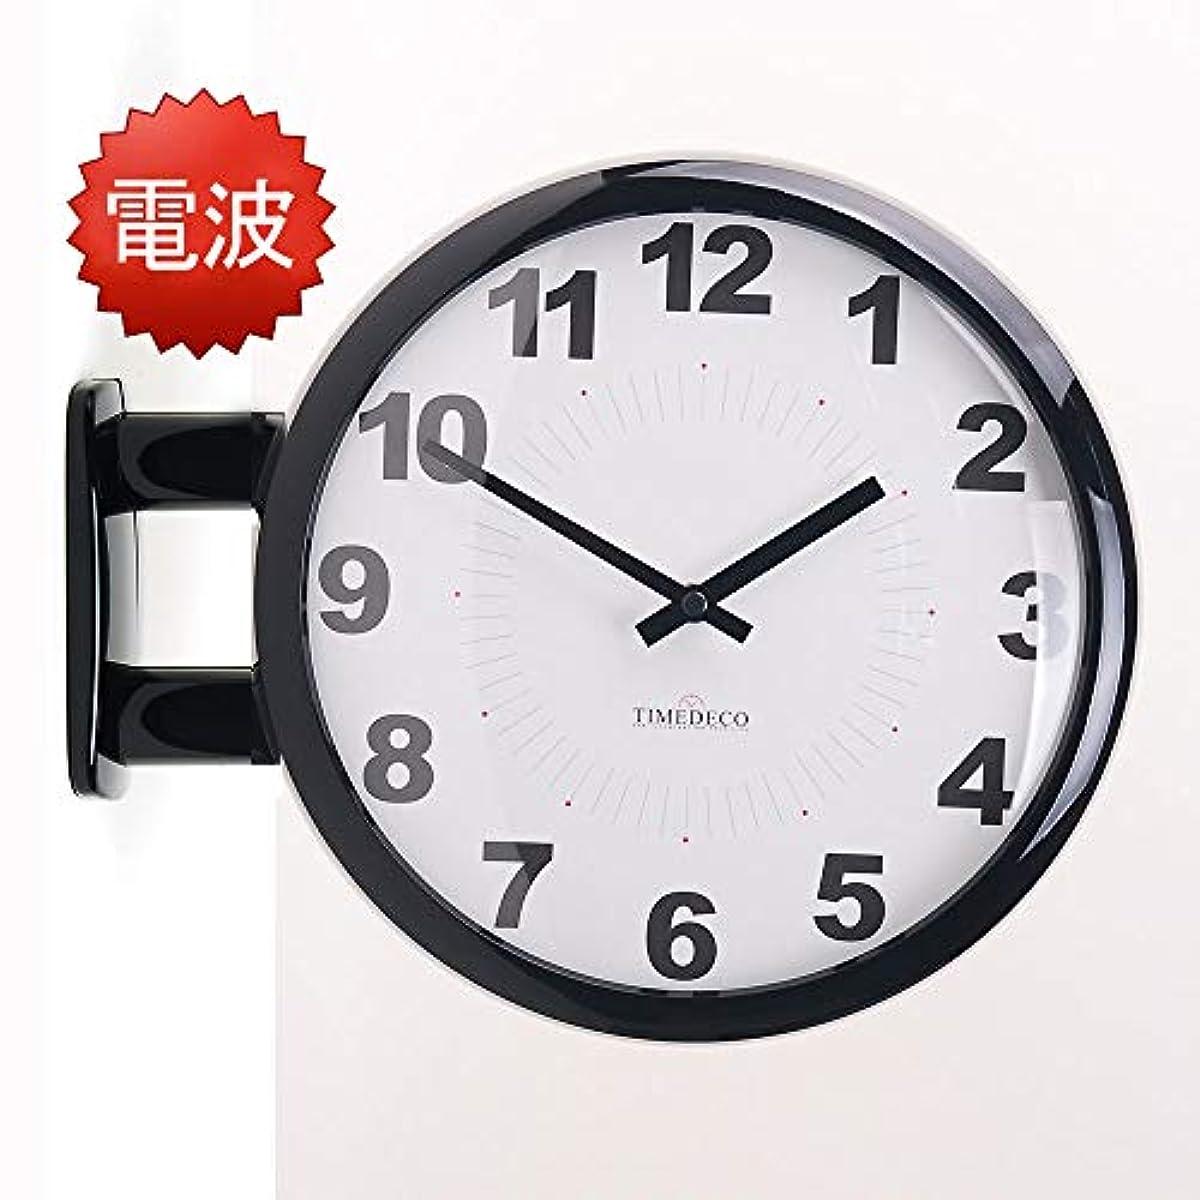 [해외] 양면 전파 시계 양면 시계 MORDEN DOUBLE CLOCK A6BK 세련된 저 #음 인테리어 양면 벽 시계 전파 양면 시계